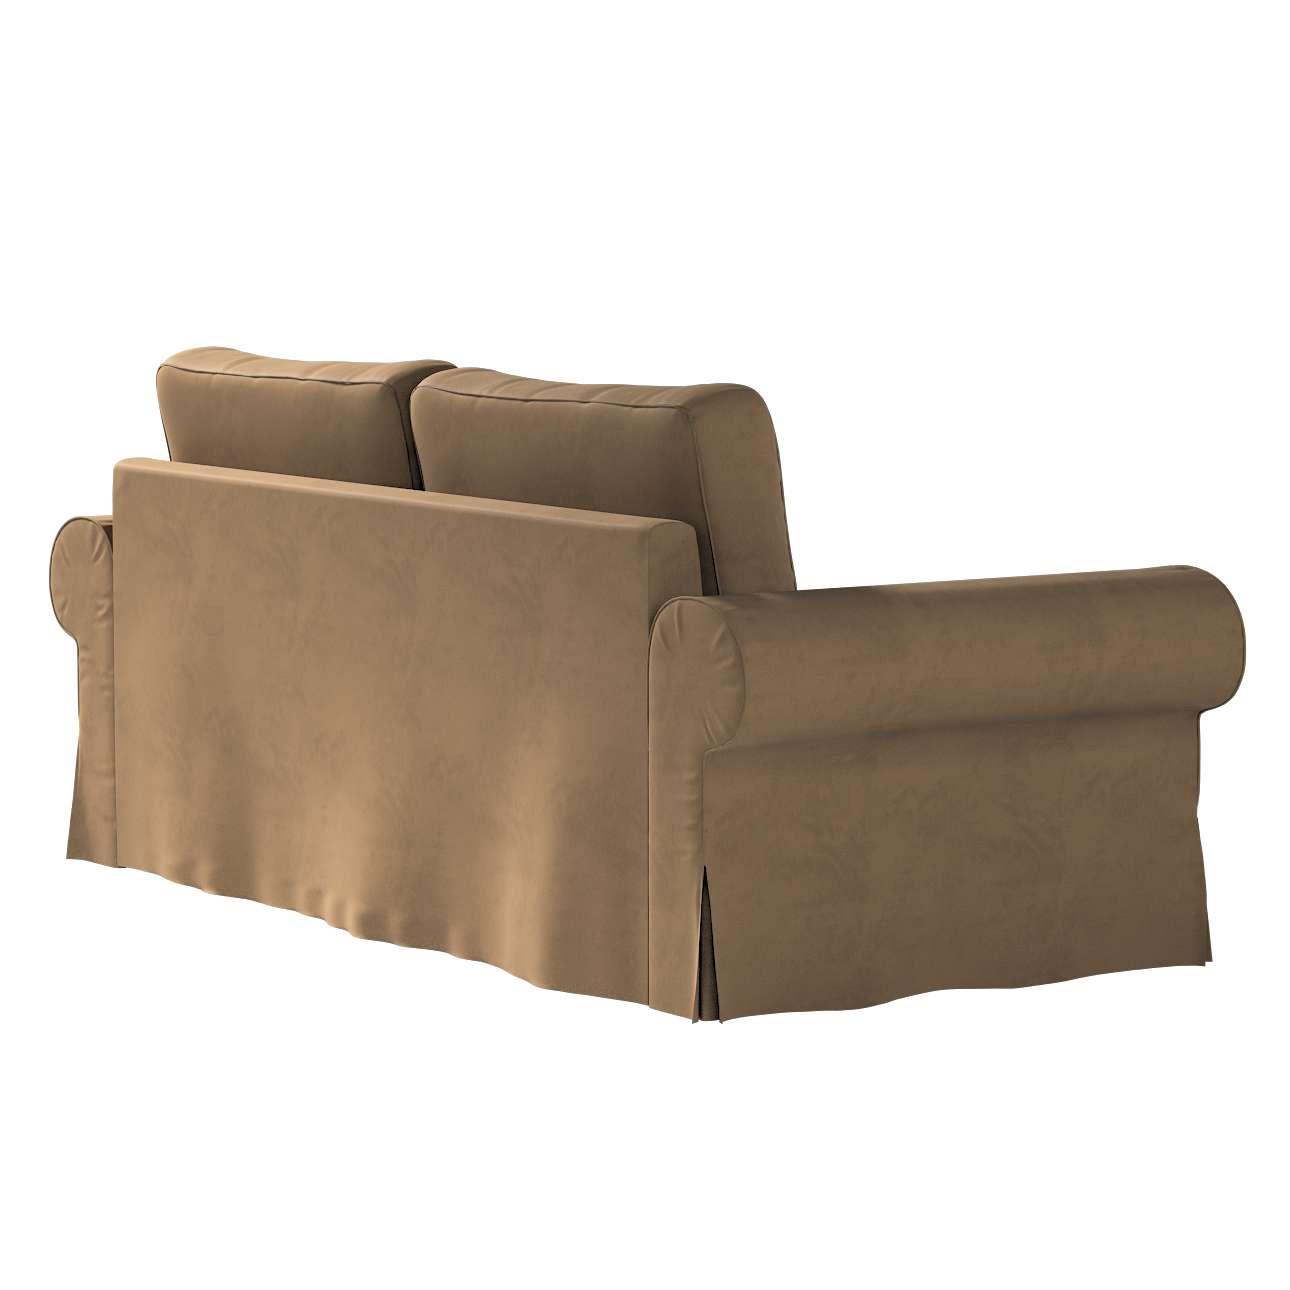 Pokrowiec na sofę Backabro 3-osobową rozkładaną w kolekcji Living II, tkanina: 160-94